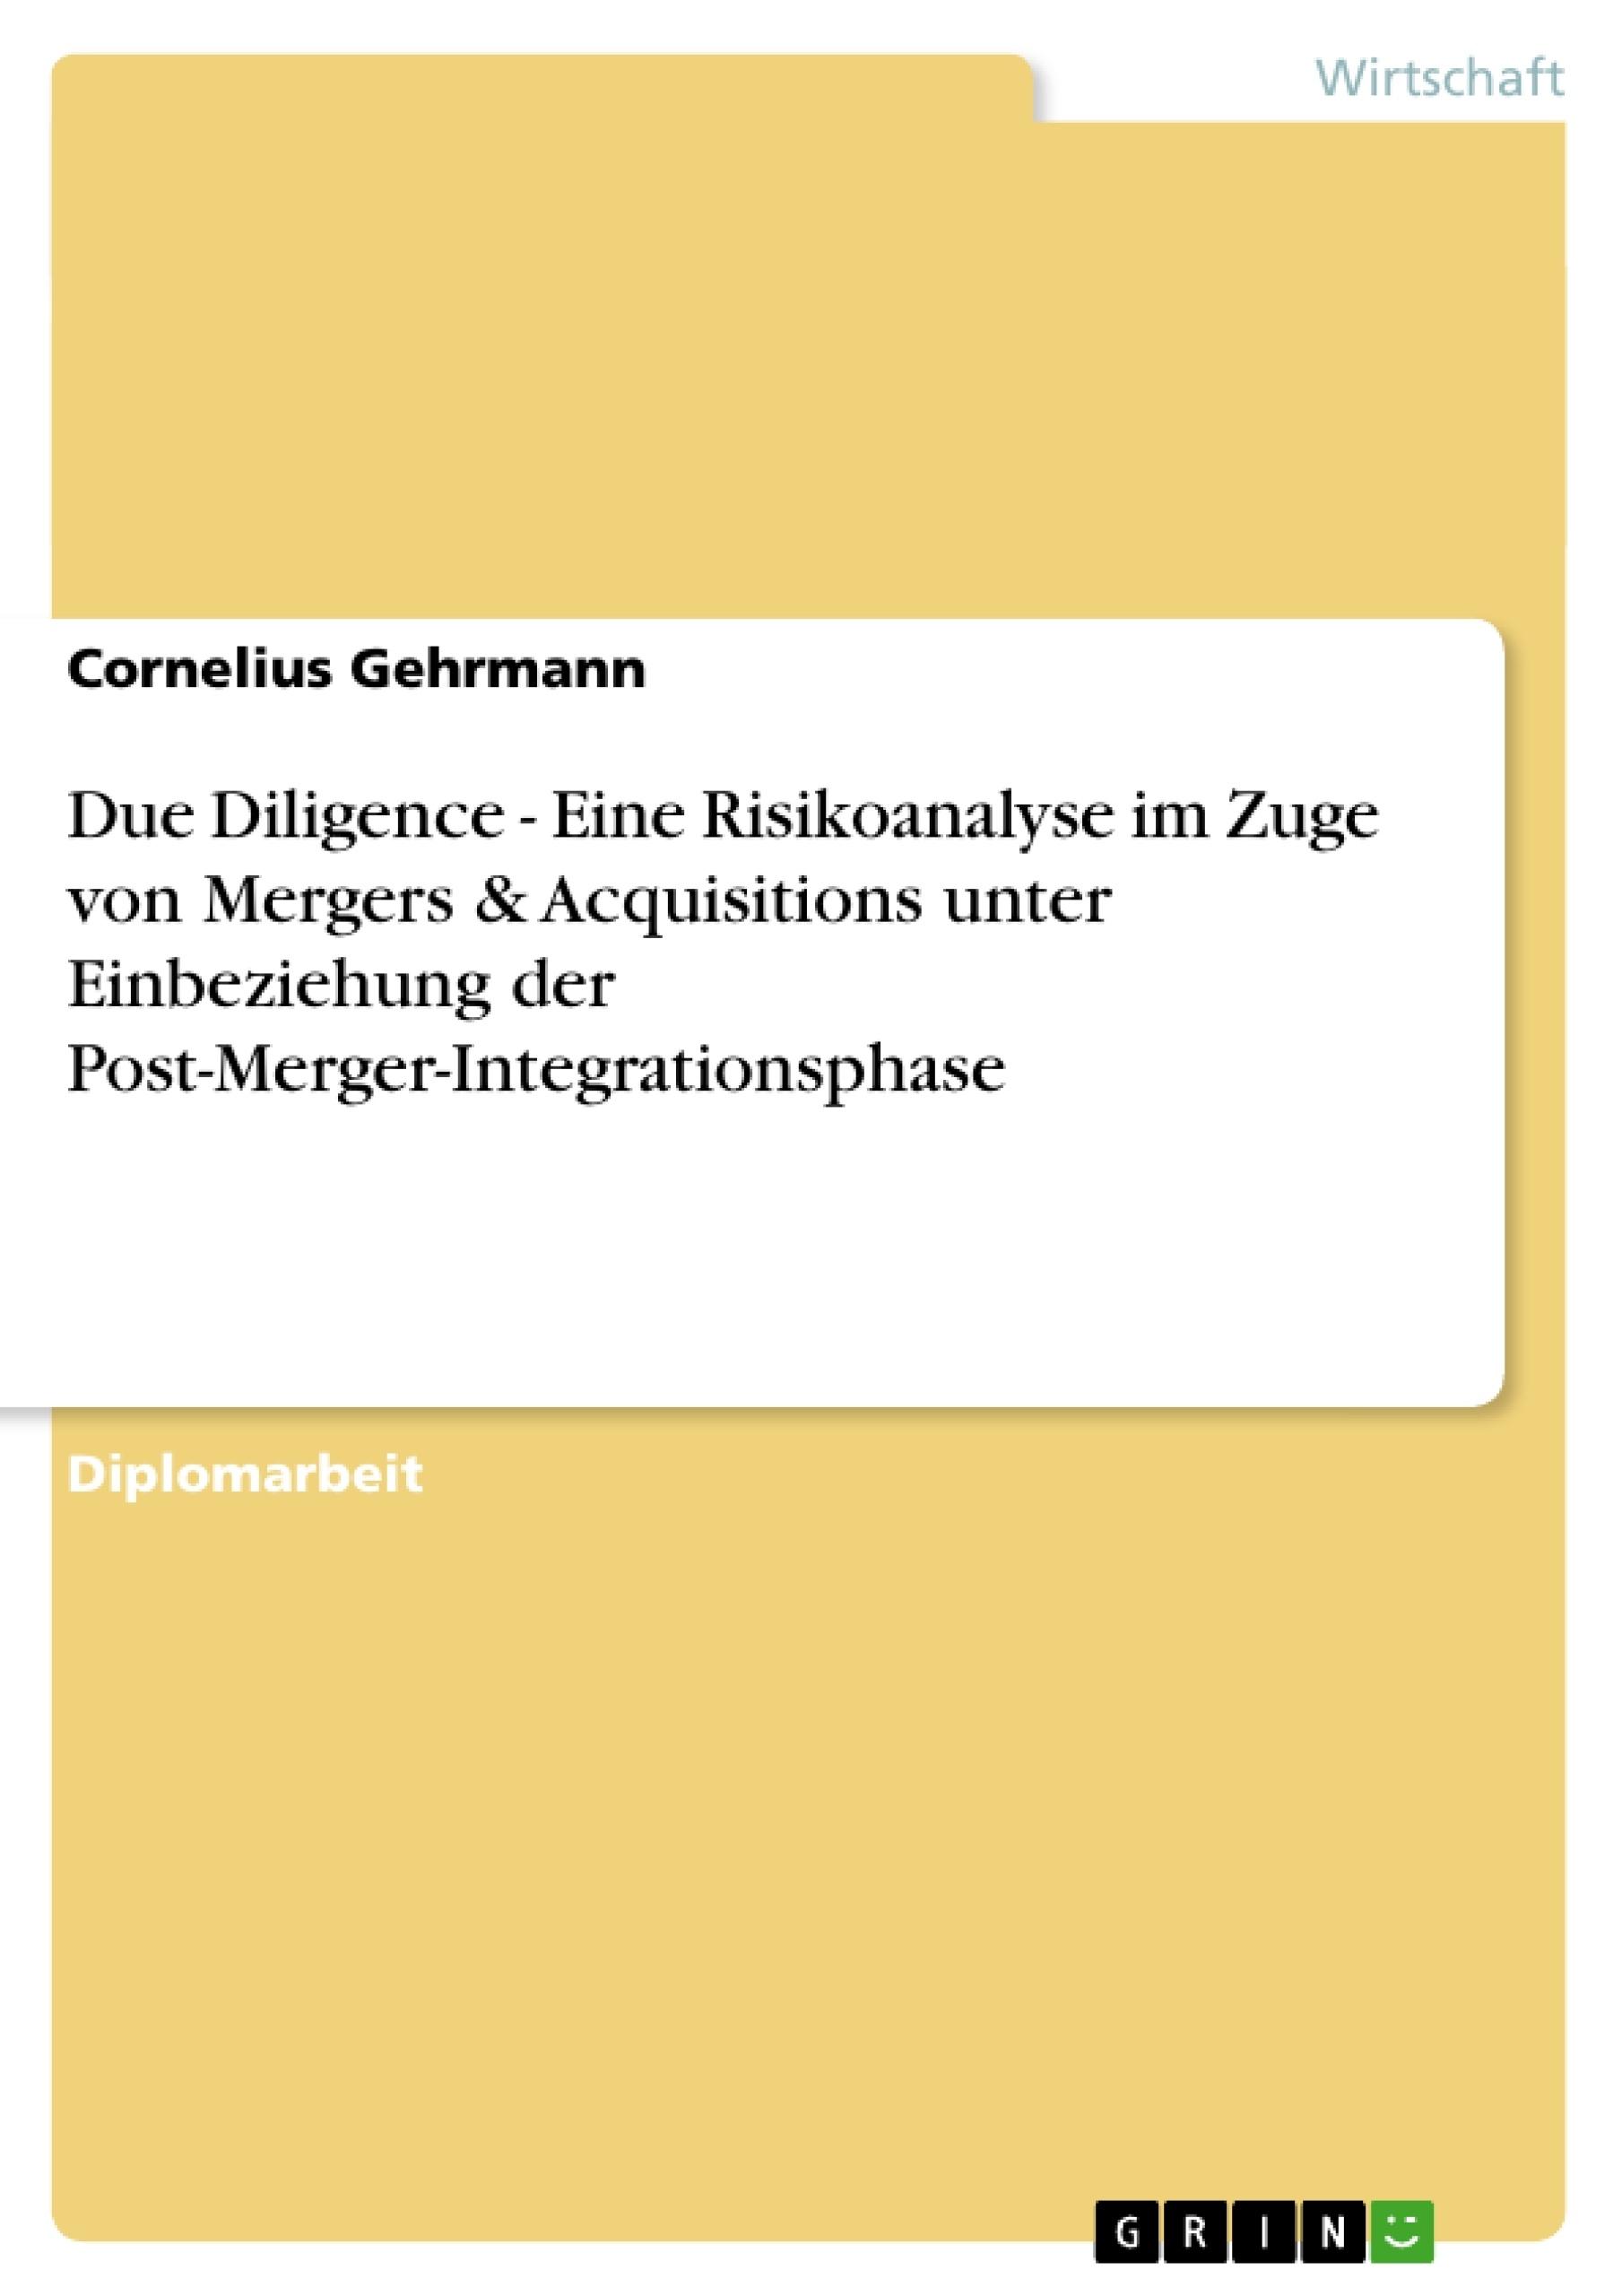 Titel: Due Diligence - Eine Risikoanalyse im Zuge von Mergers & Acquisitions unter Einbeziehung der Post-Merger-Integrationsphase